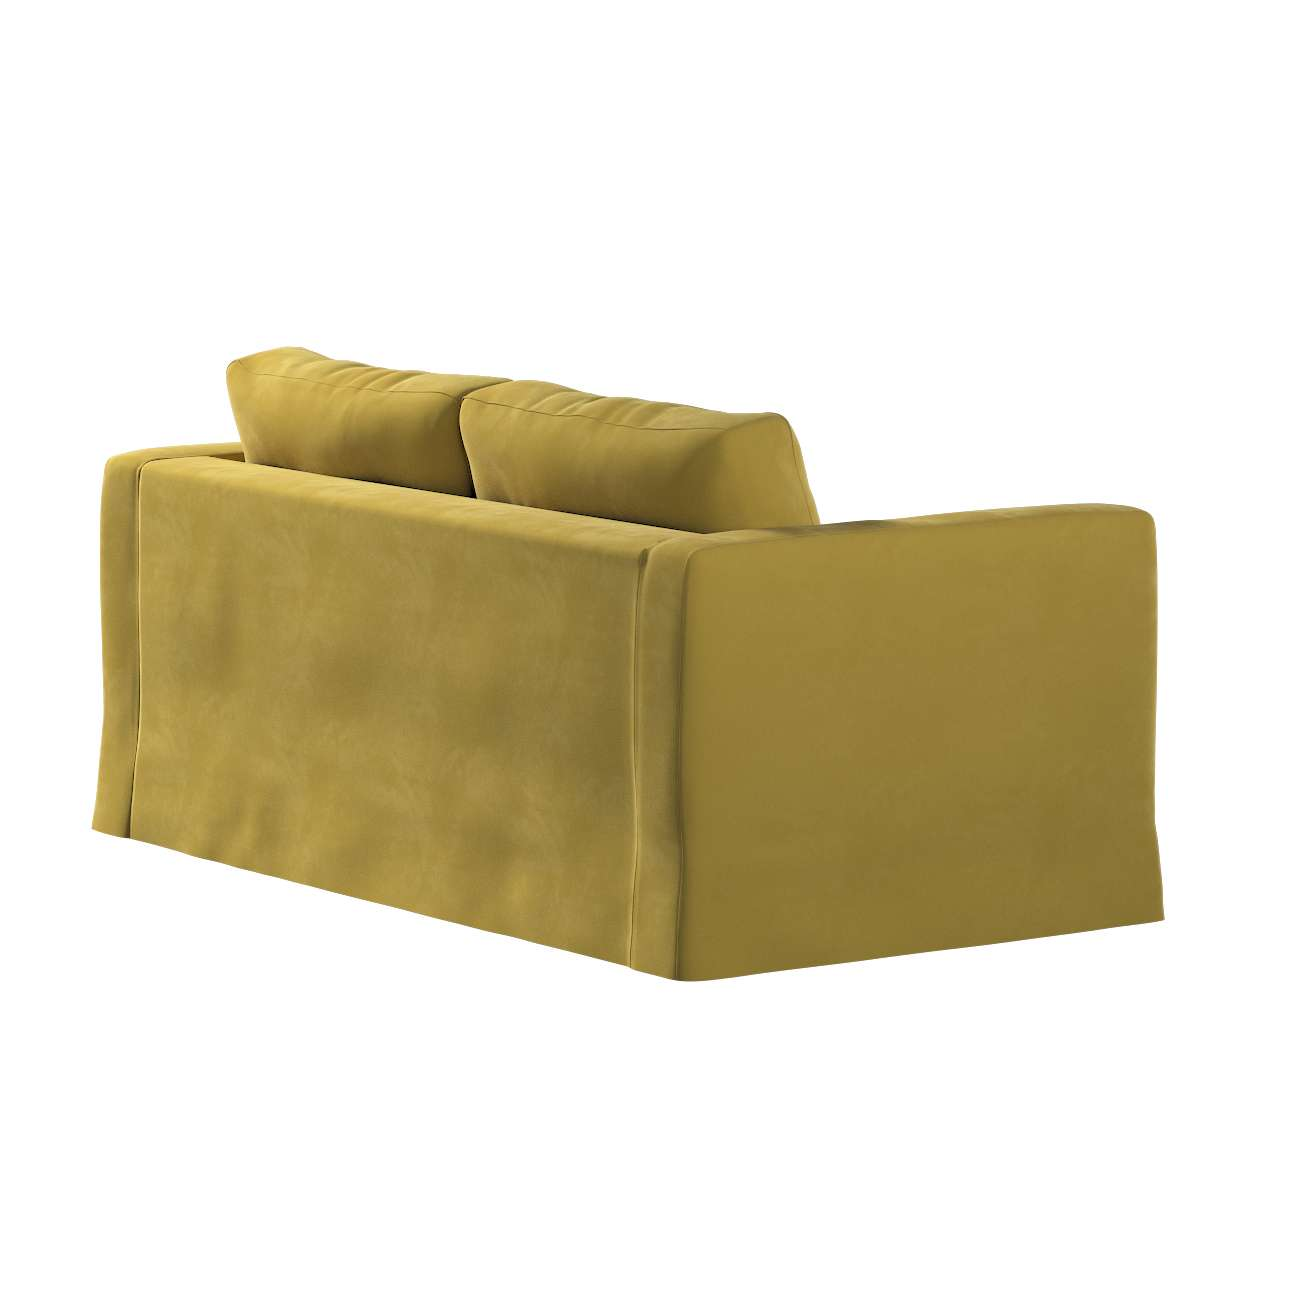 Pokrowiec na sofę Karlstad 2-osobową nierozkładaną długi w kolekcji Velvet, tkanina: 704-27